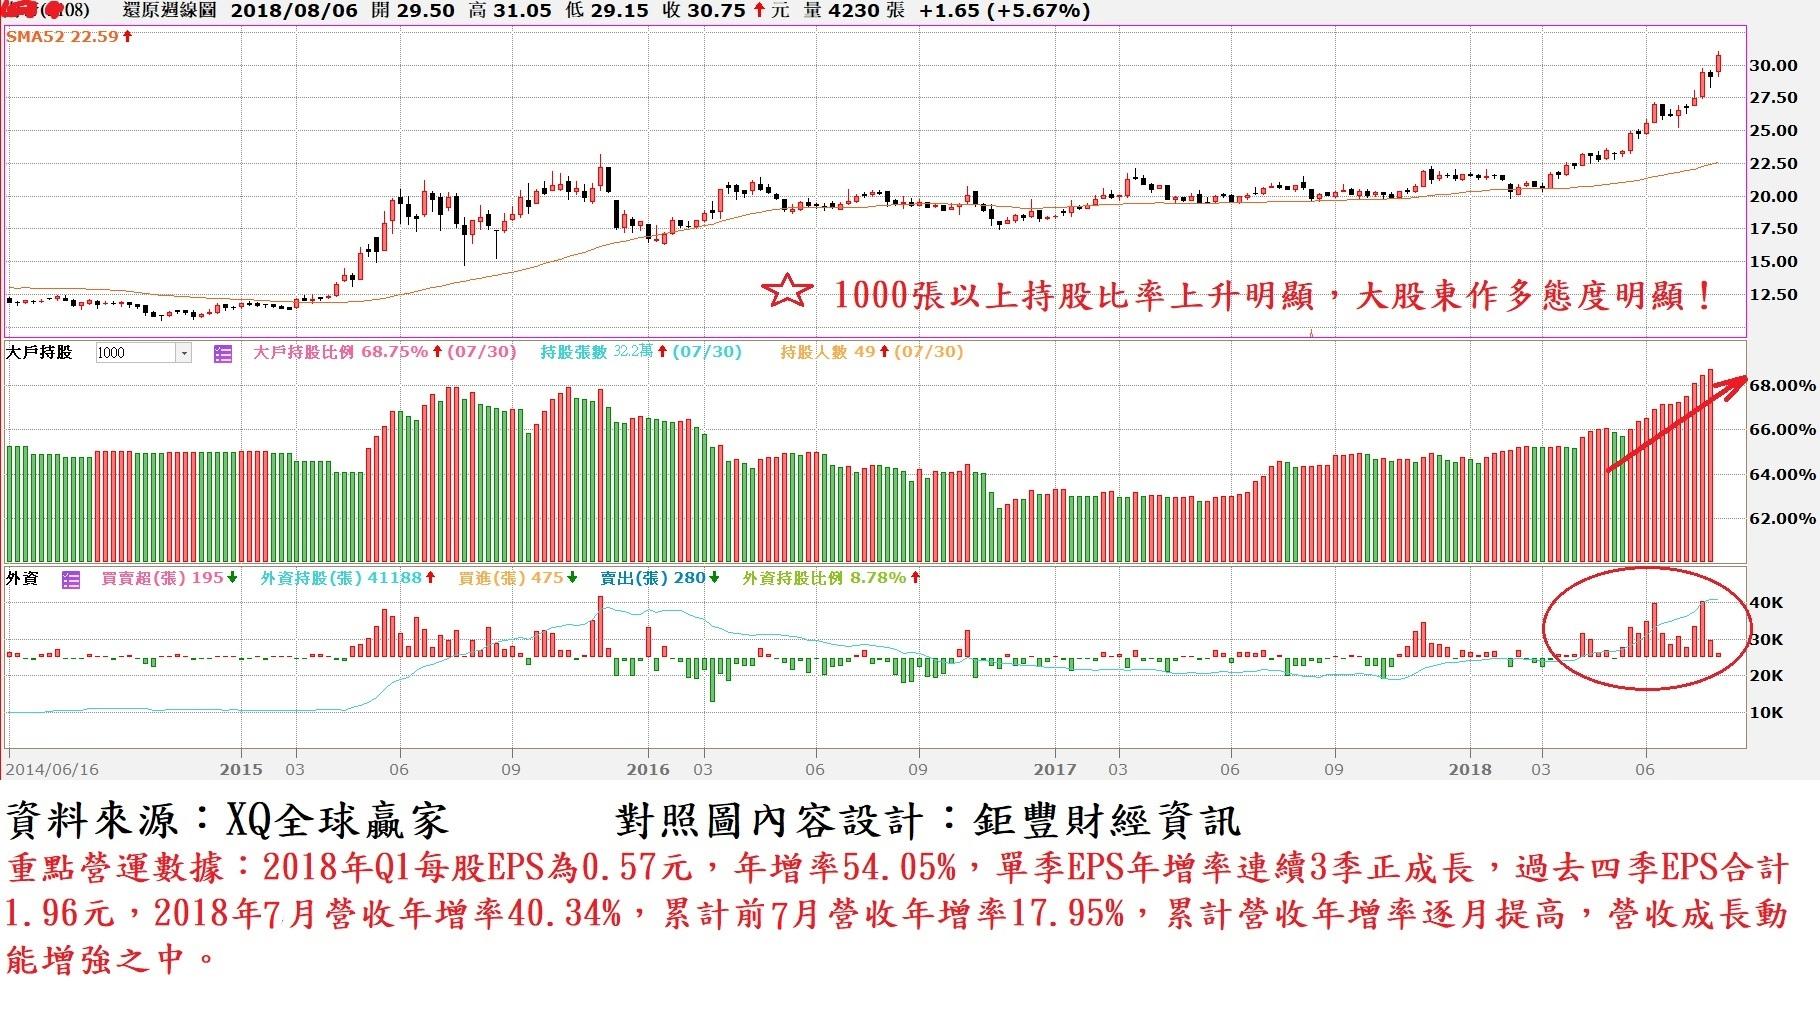 南帝(2108)周K線與大股東持股比率及外資買賣超對照圖